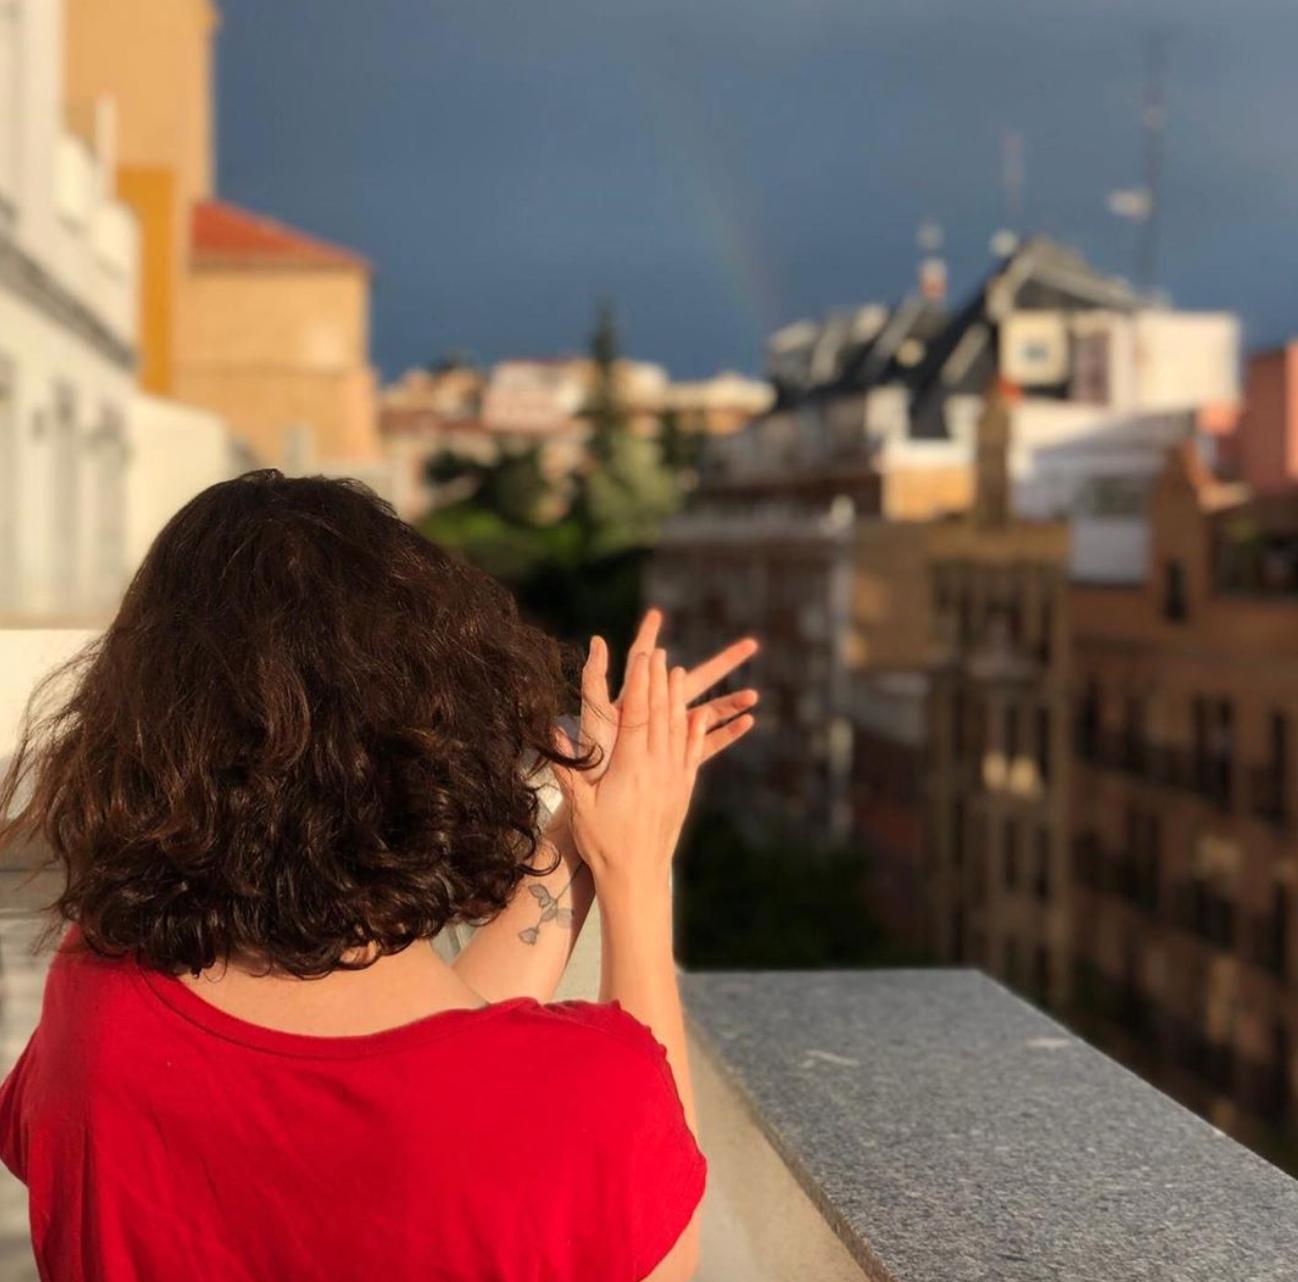 Isabel Díaz Ayuso, presidenta de la Comunidad de Madrid, aplaudiendo desde una de las terrazas del aparthotel | Instagram